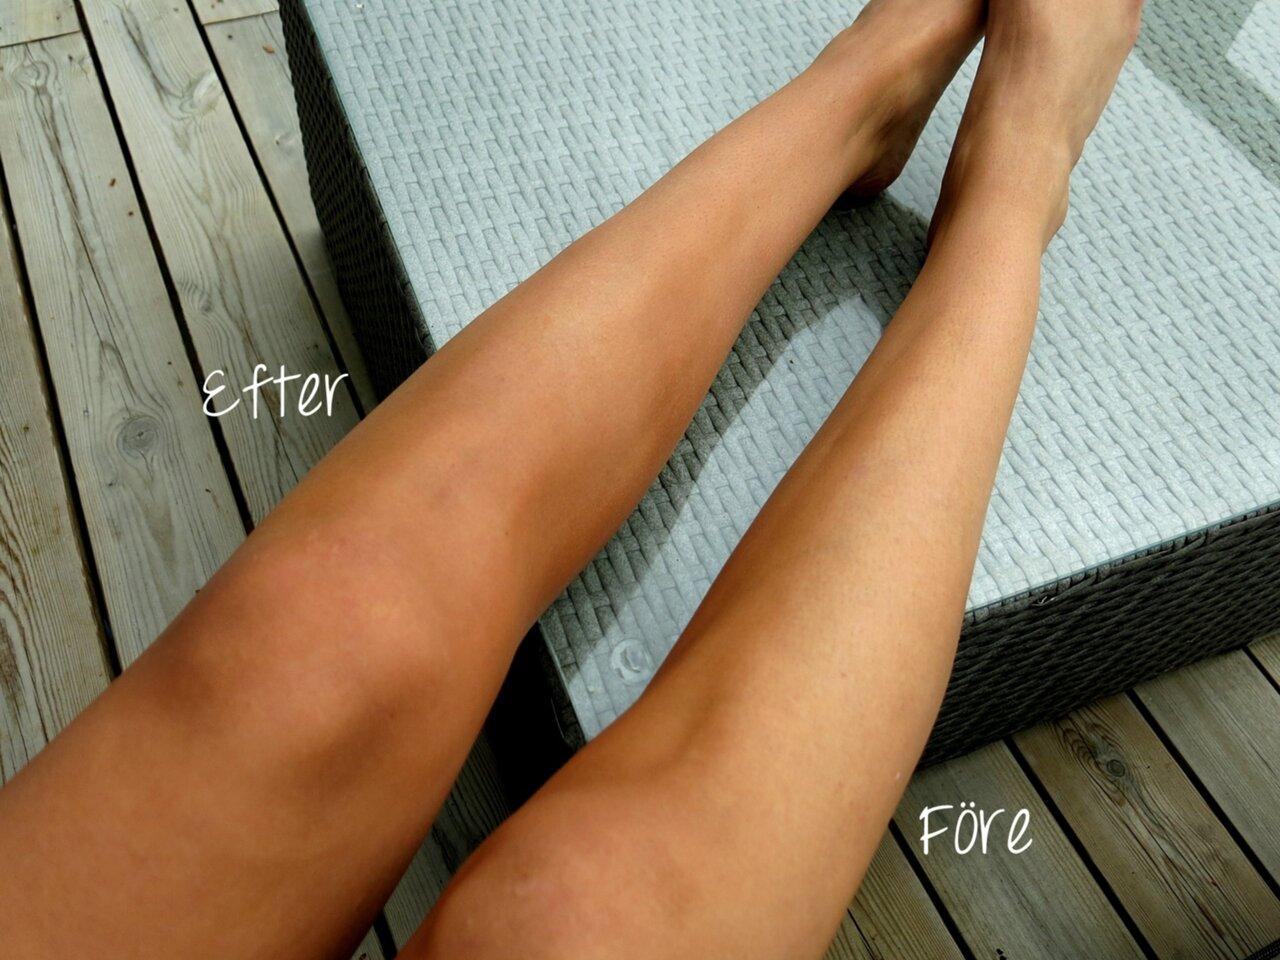 blodådror på benen